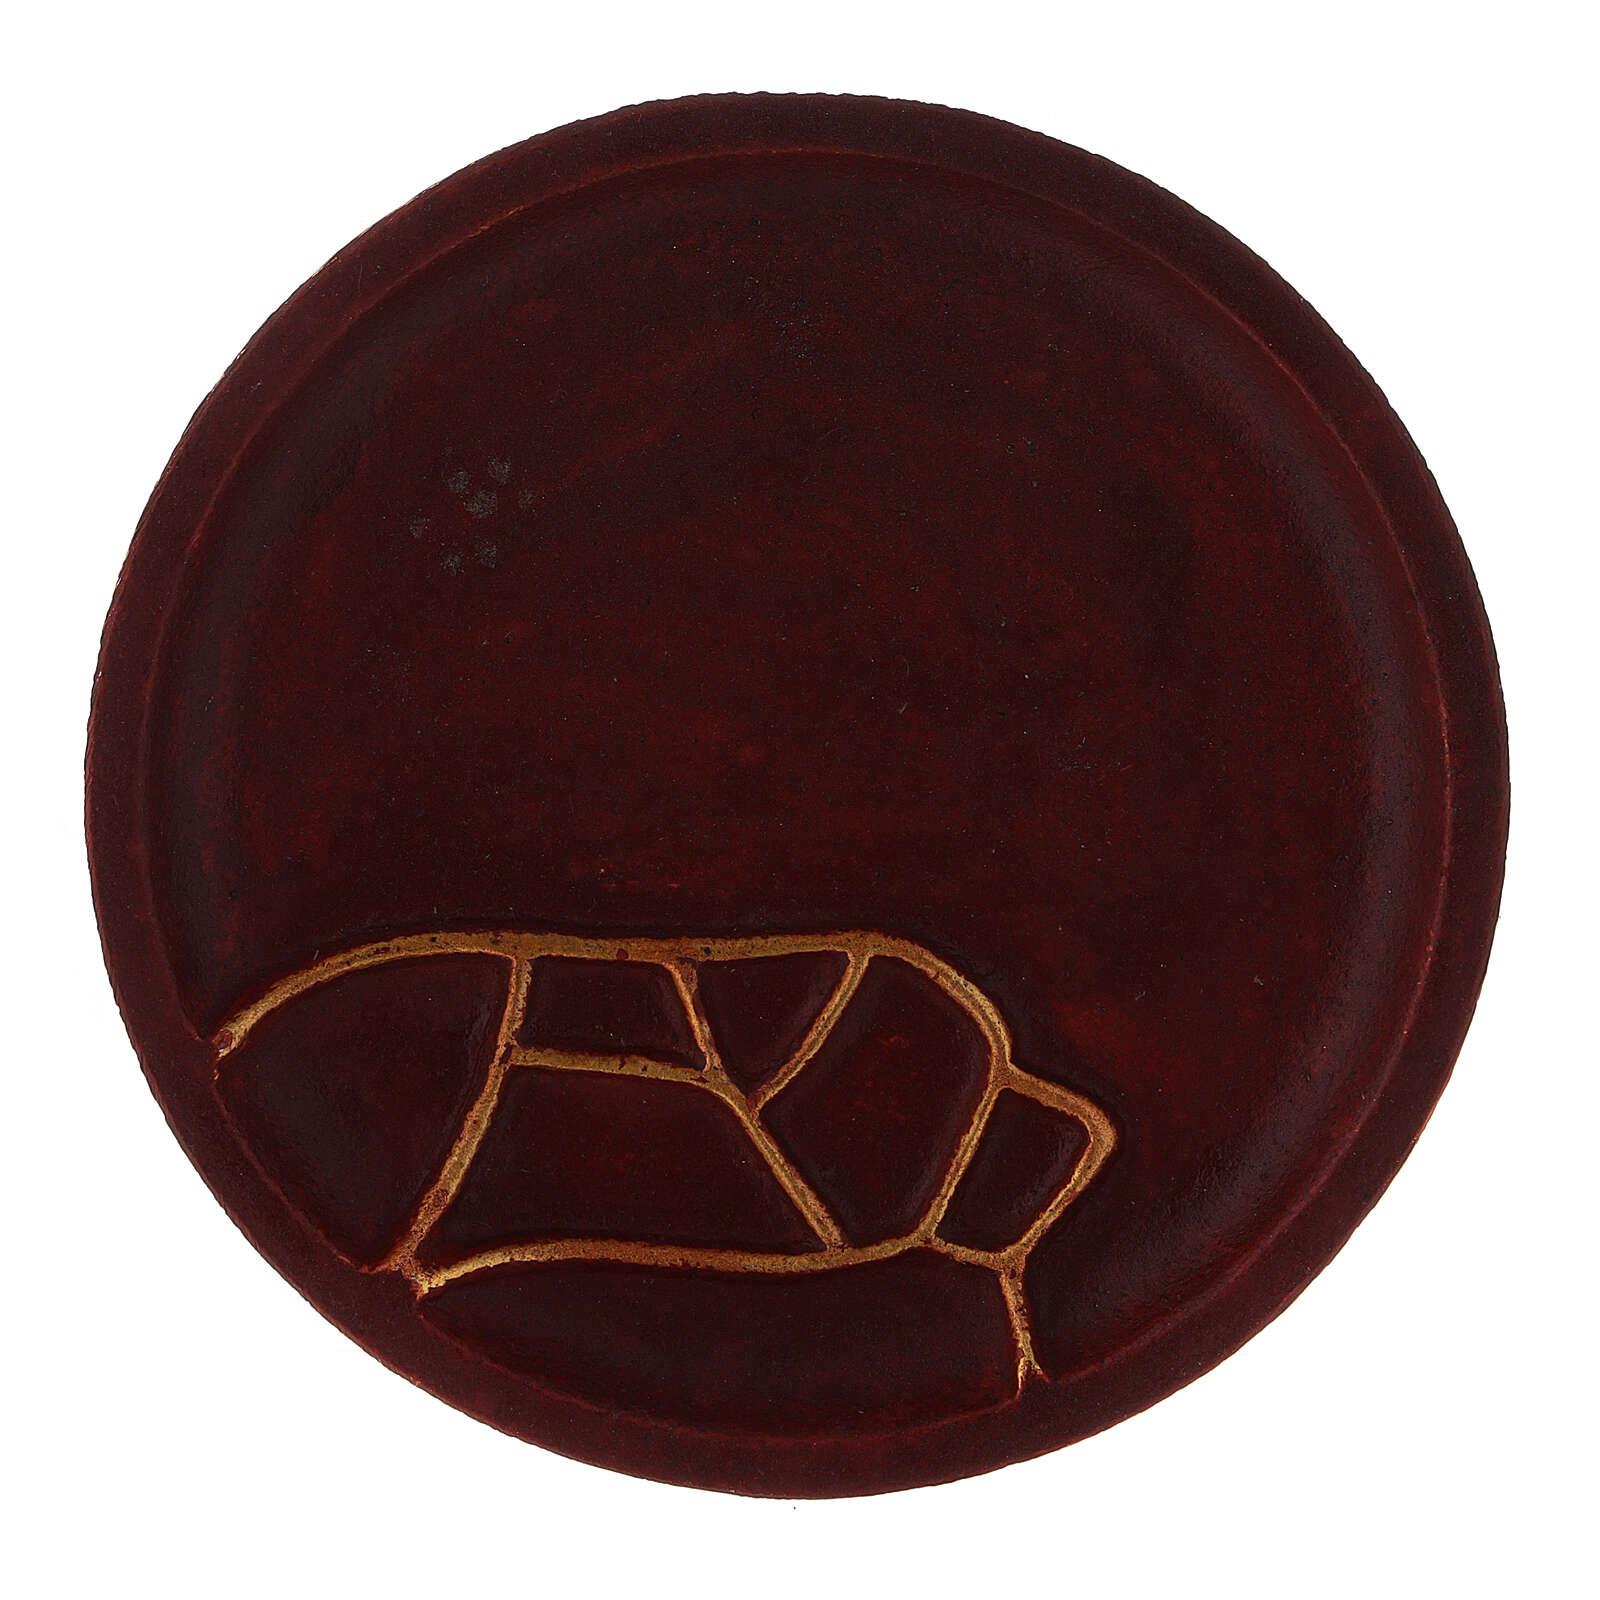 Red aluminium candle holder plate diameter 4 3/4 in 3